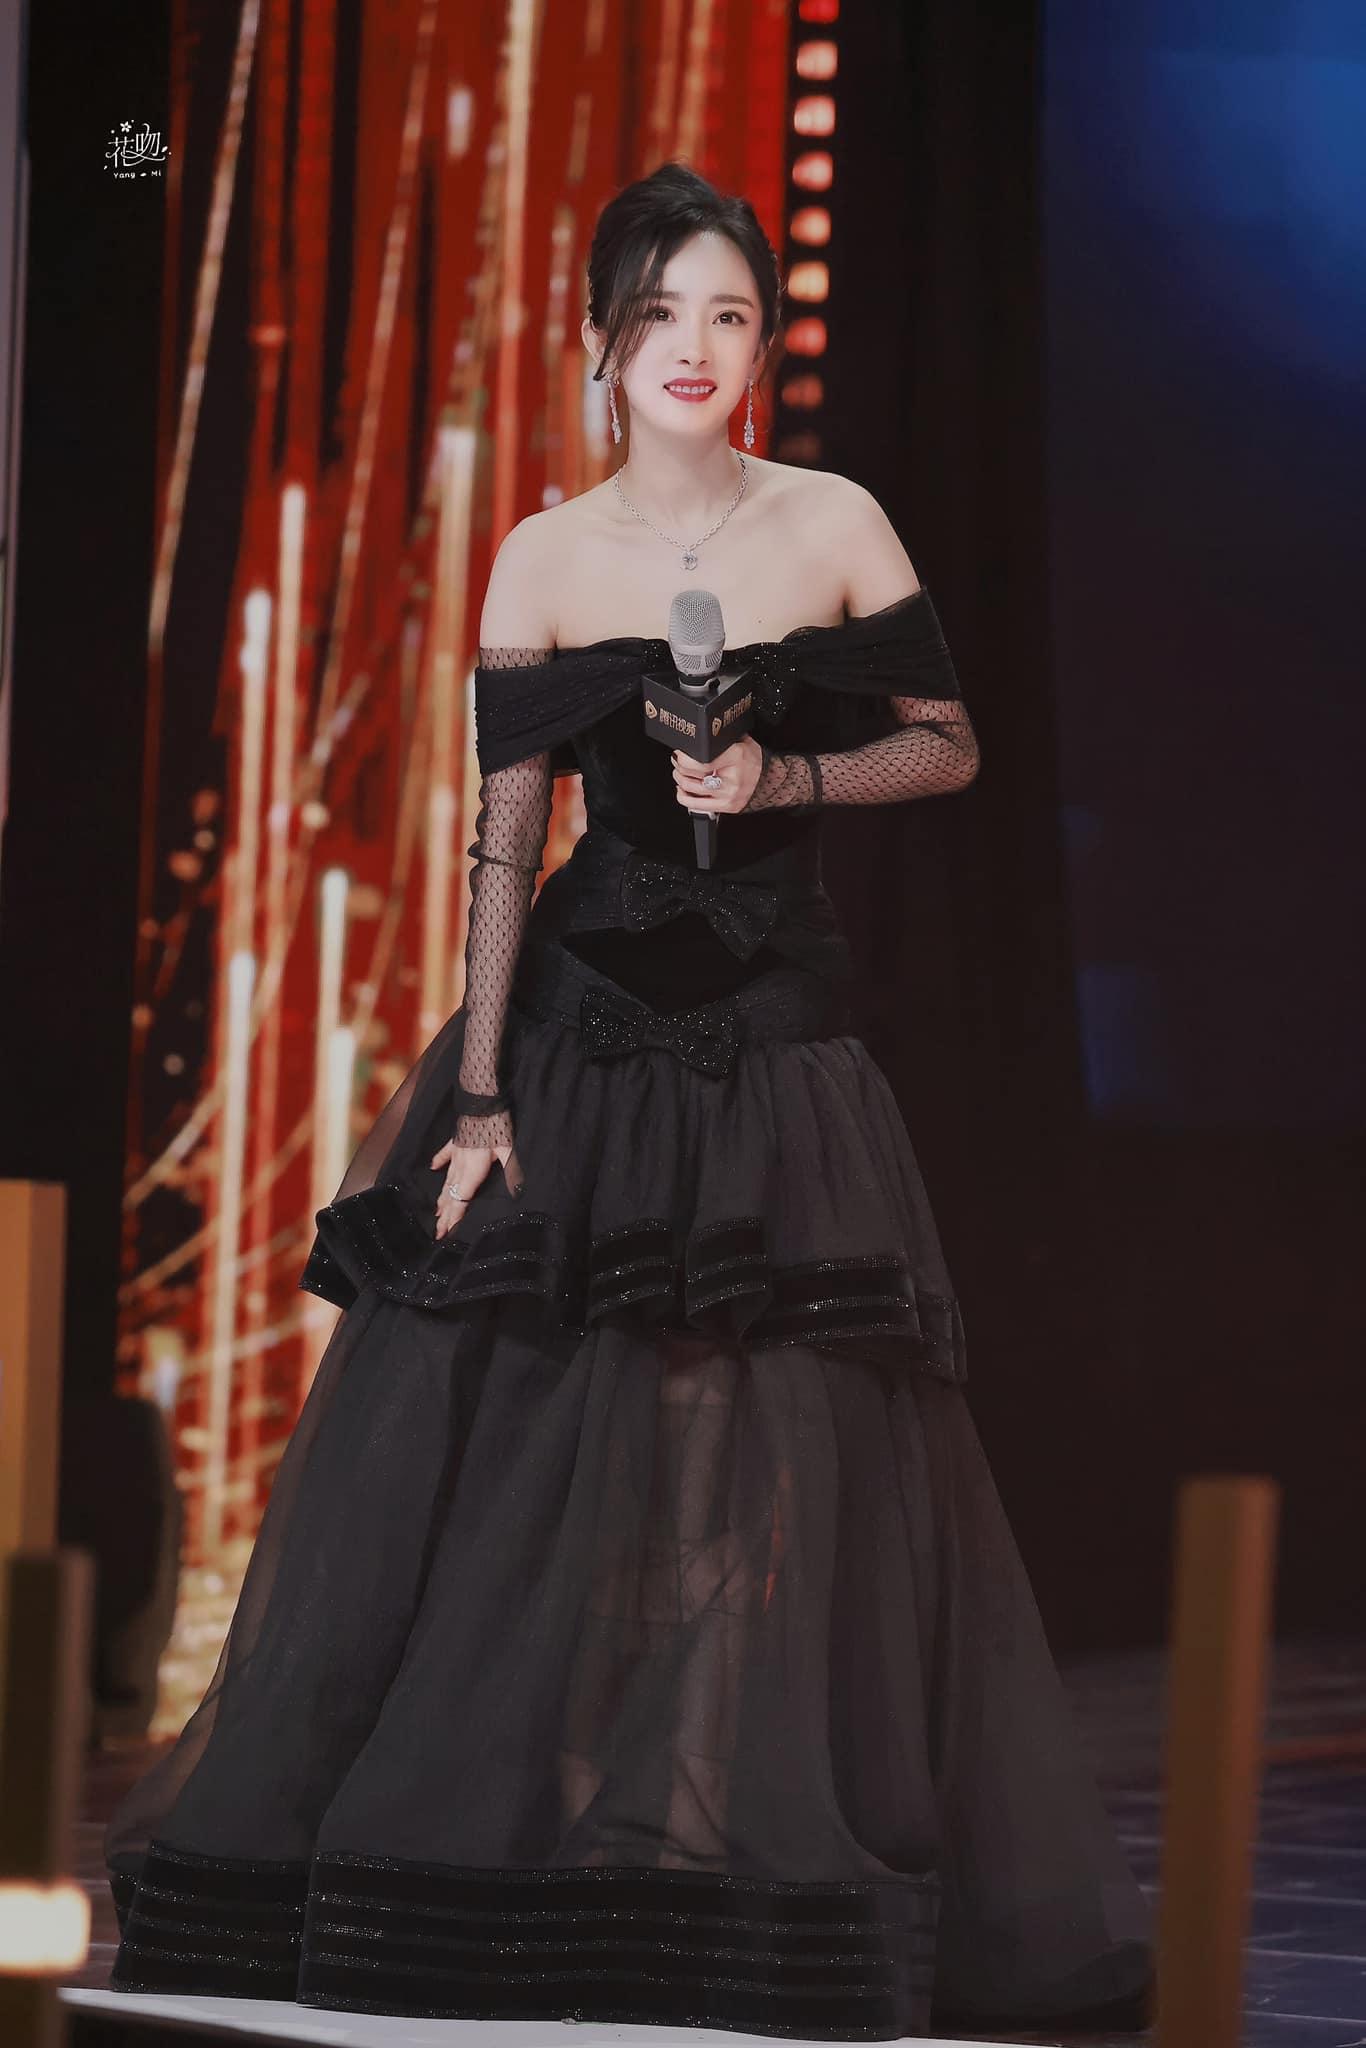 Trang phục dạ hội của Dương Mịch đang nhận hiệu ứng tích cực nhờ vẻ sang trọng, đẳng cấp. Người hâm mộ kỳ vọng thời gian tới, nữ diễn viên có thể giữ vững vị trí nữ hoàng thảm đỏ và cả nữ hoàng sân bay.